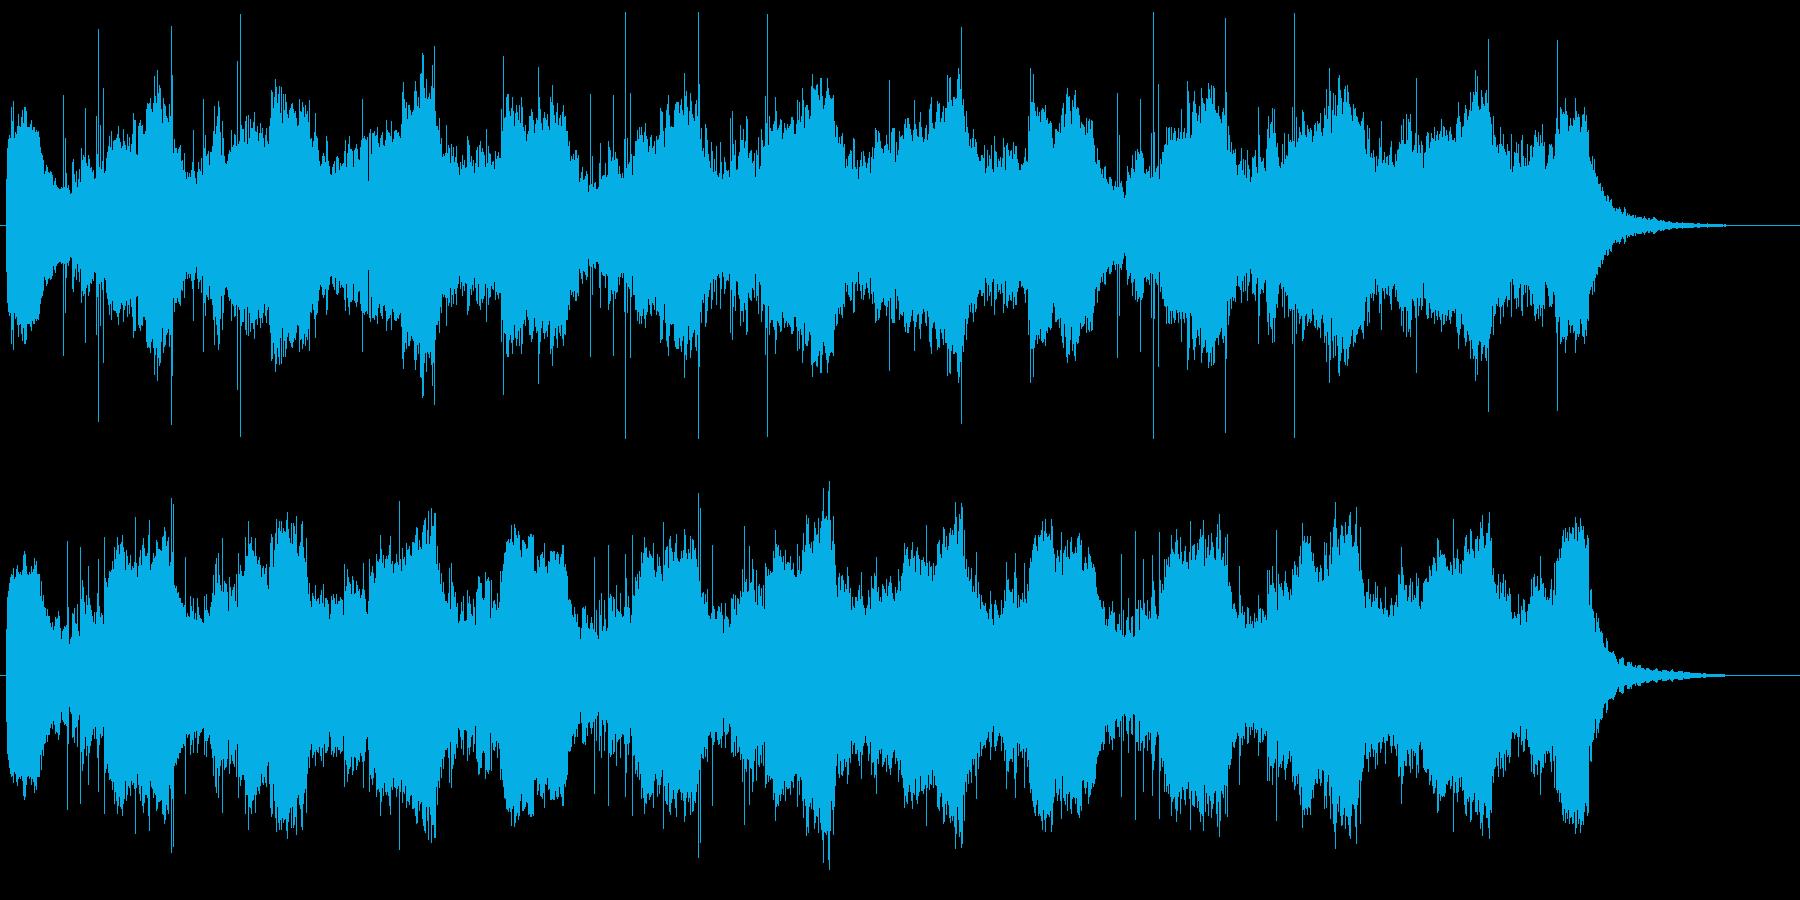 シンプルなアンビエント曲の再生済みの波形